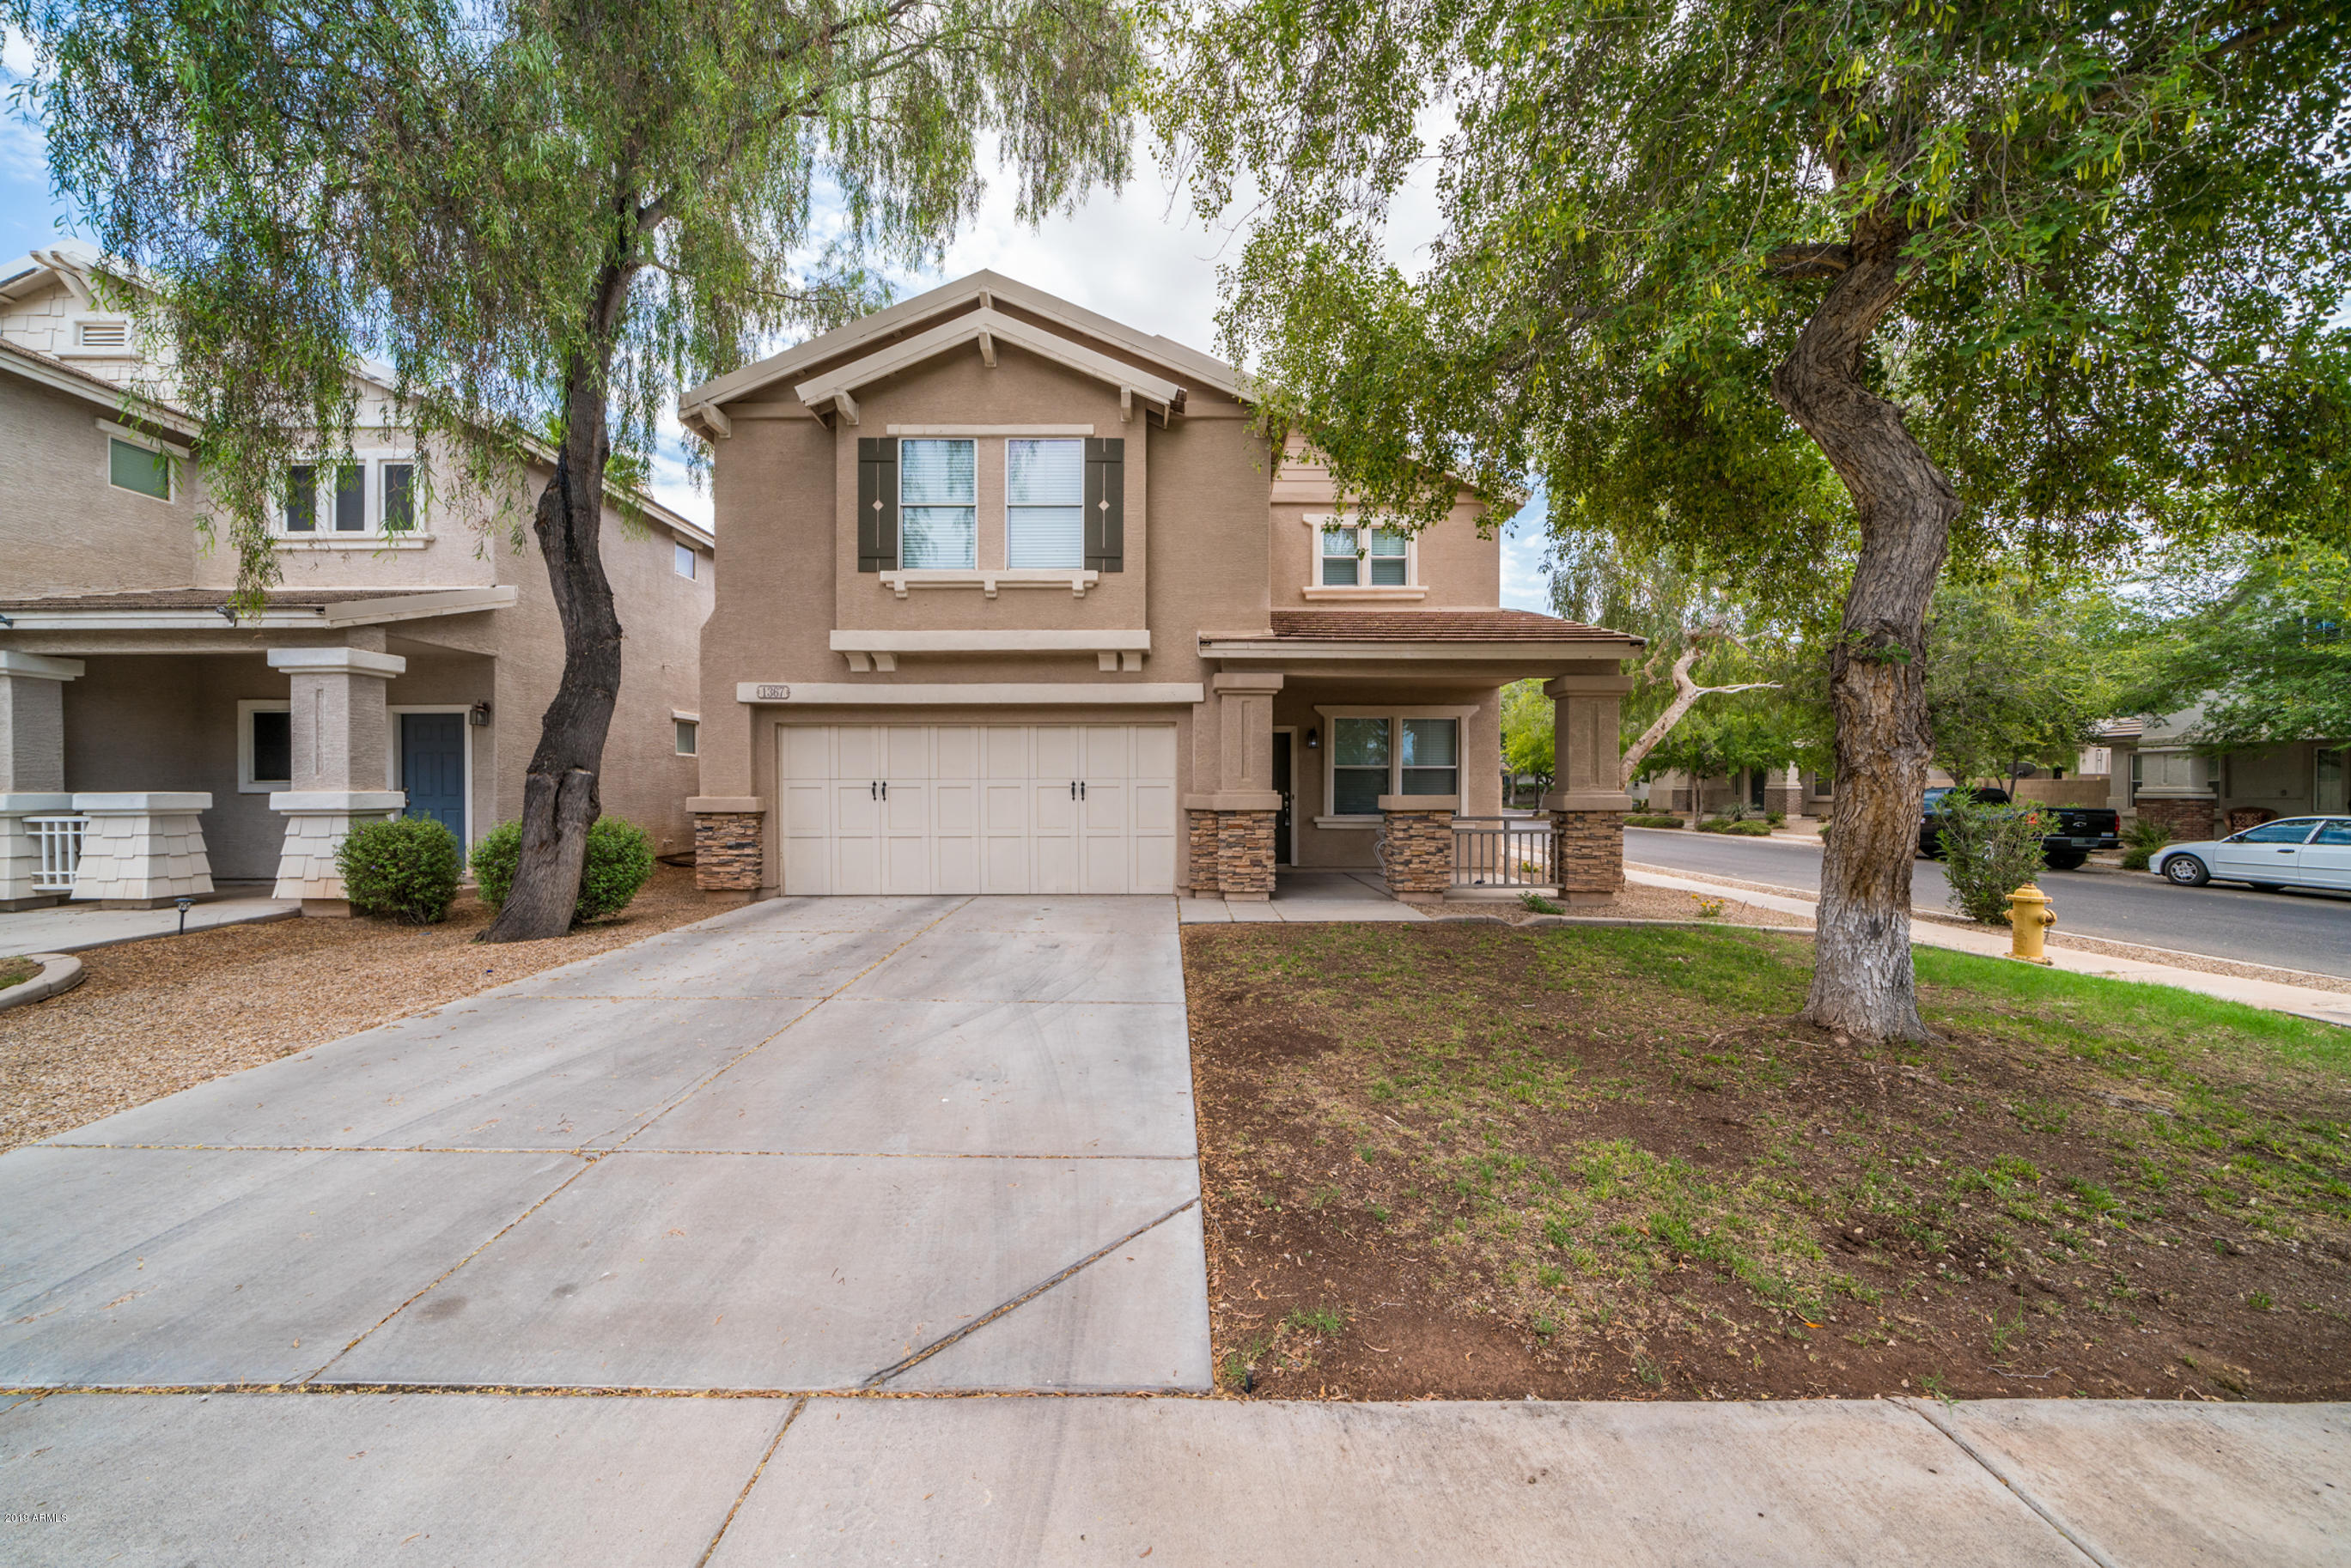 Photo of 1367 S PHEASANT Drive, Gilbert, AZ 85296